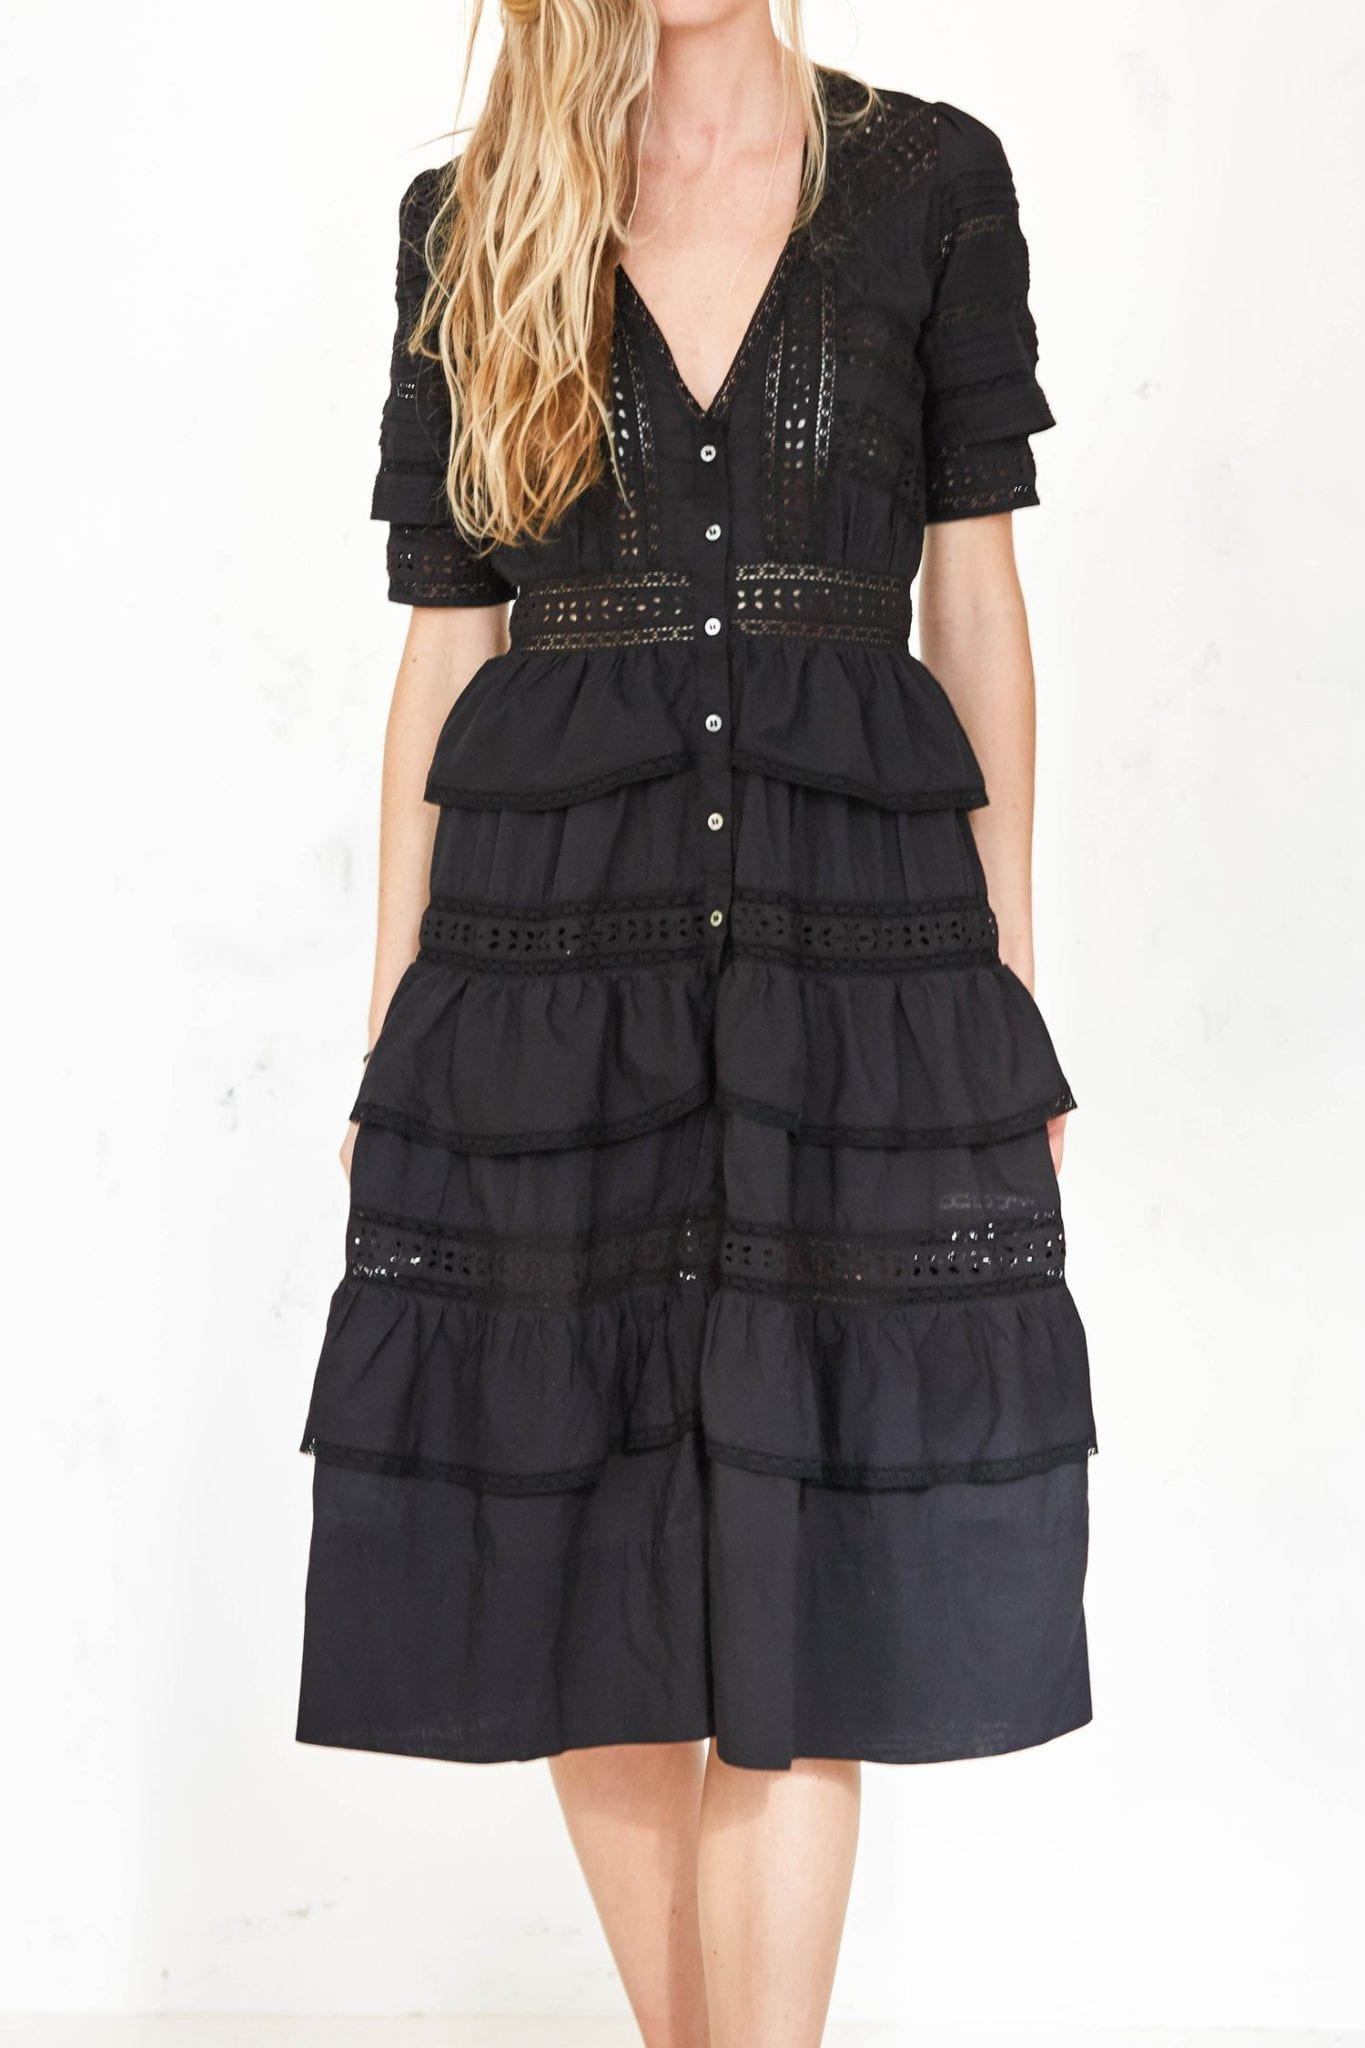 LOVESHACKFANCY Rebecca Dress